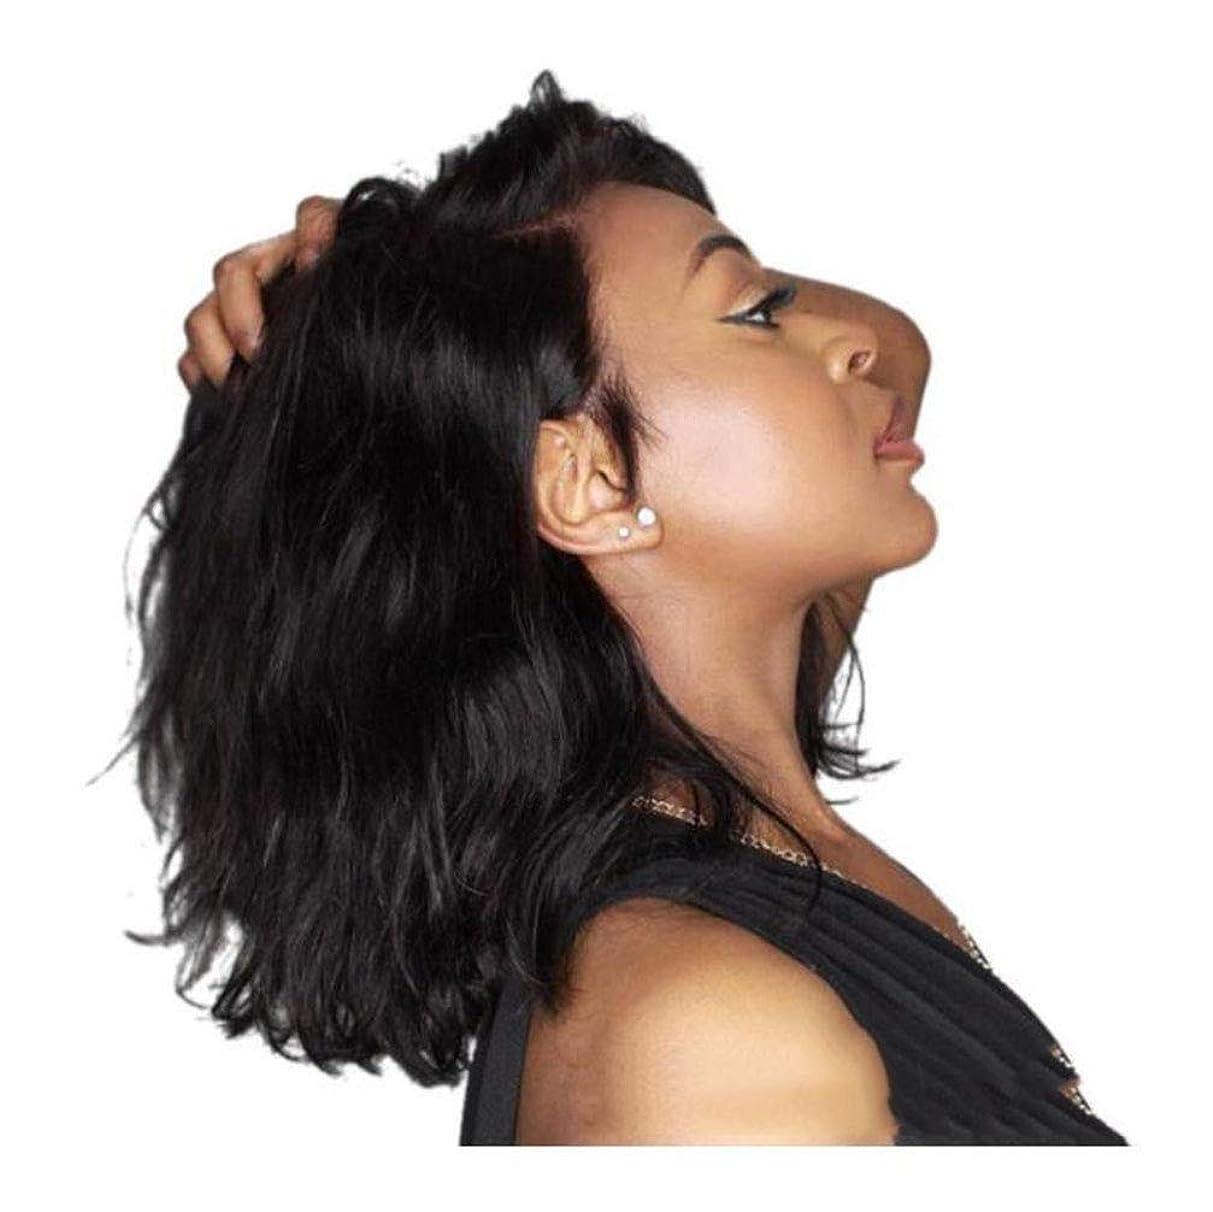 協会アルバニー亜熱帯かつら女性のファッション自然なかつらコスプレパーティー、短い巻き毛の波状の 合成本物の人間の毛髪のかつら